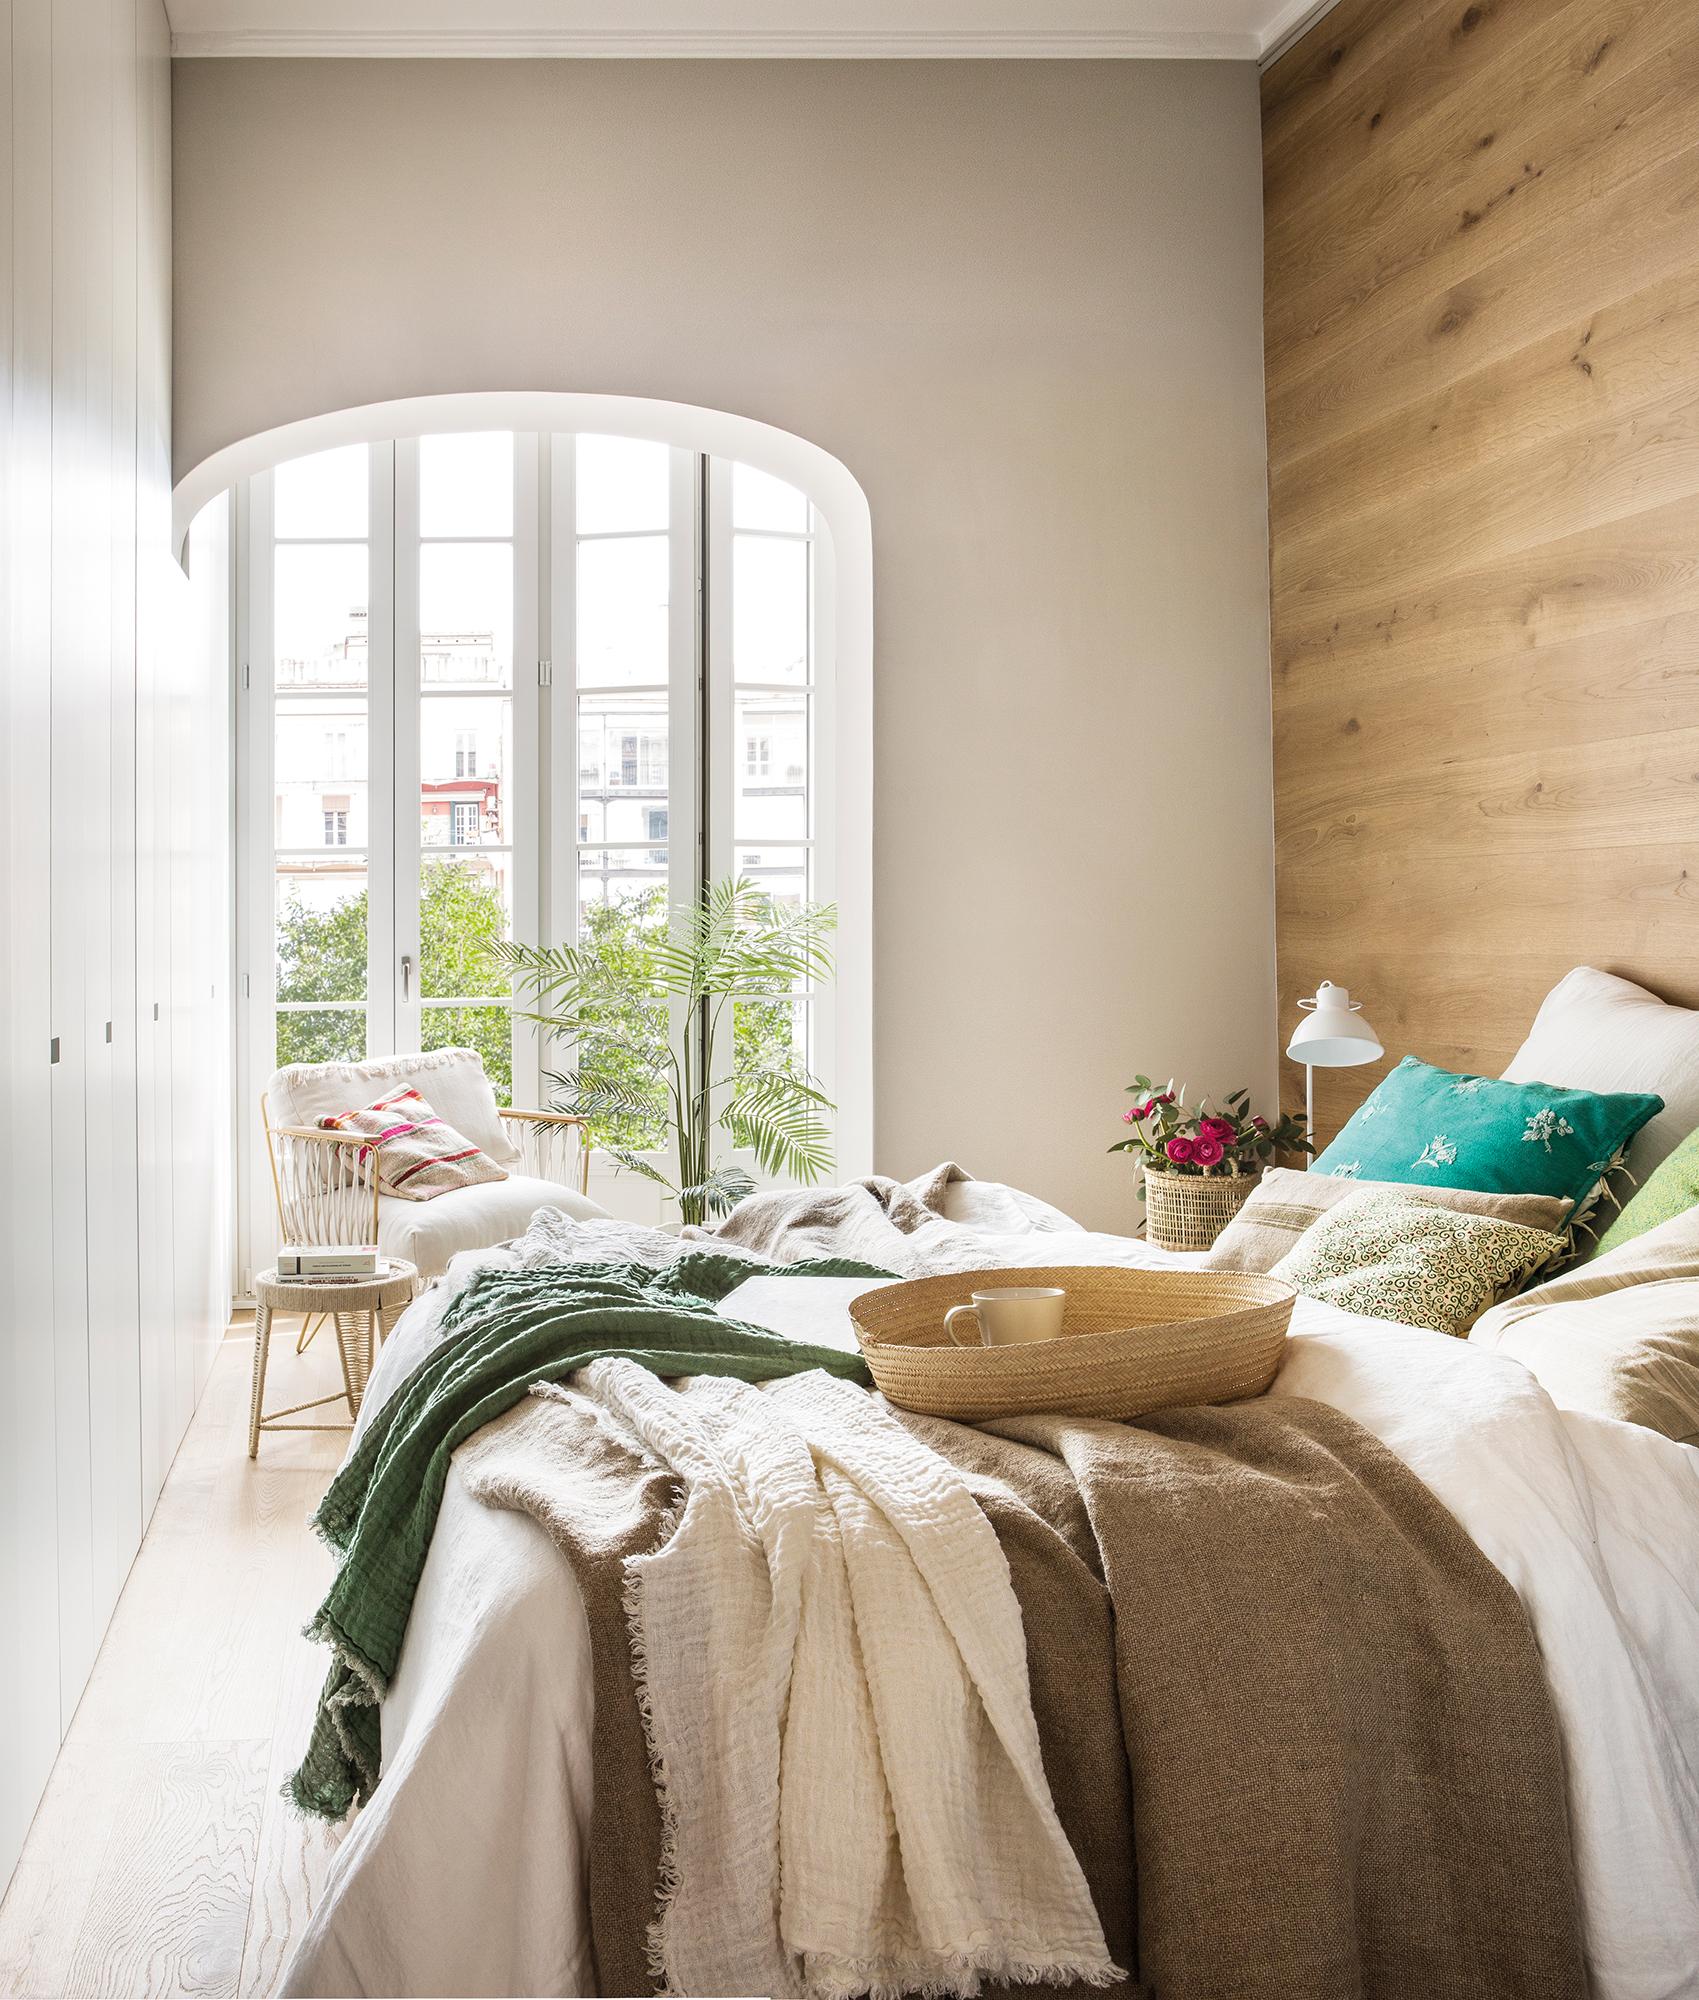 Guardar en el dormitorio m s de 15 ideas pr cticas y capaces for Espejo pared completa